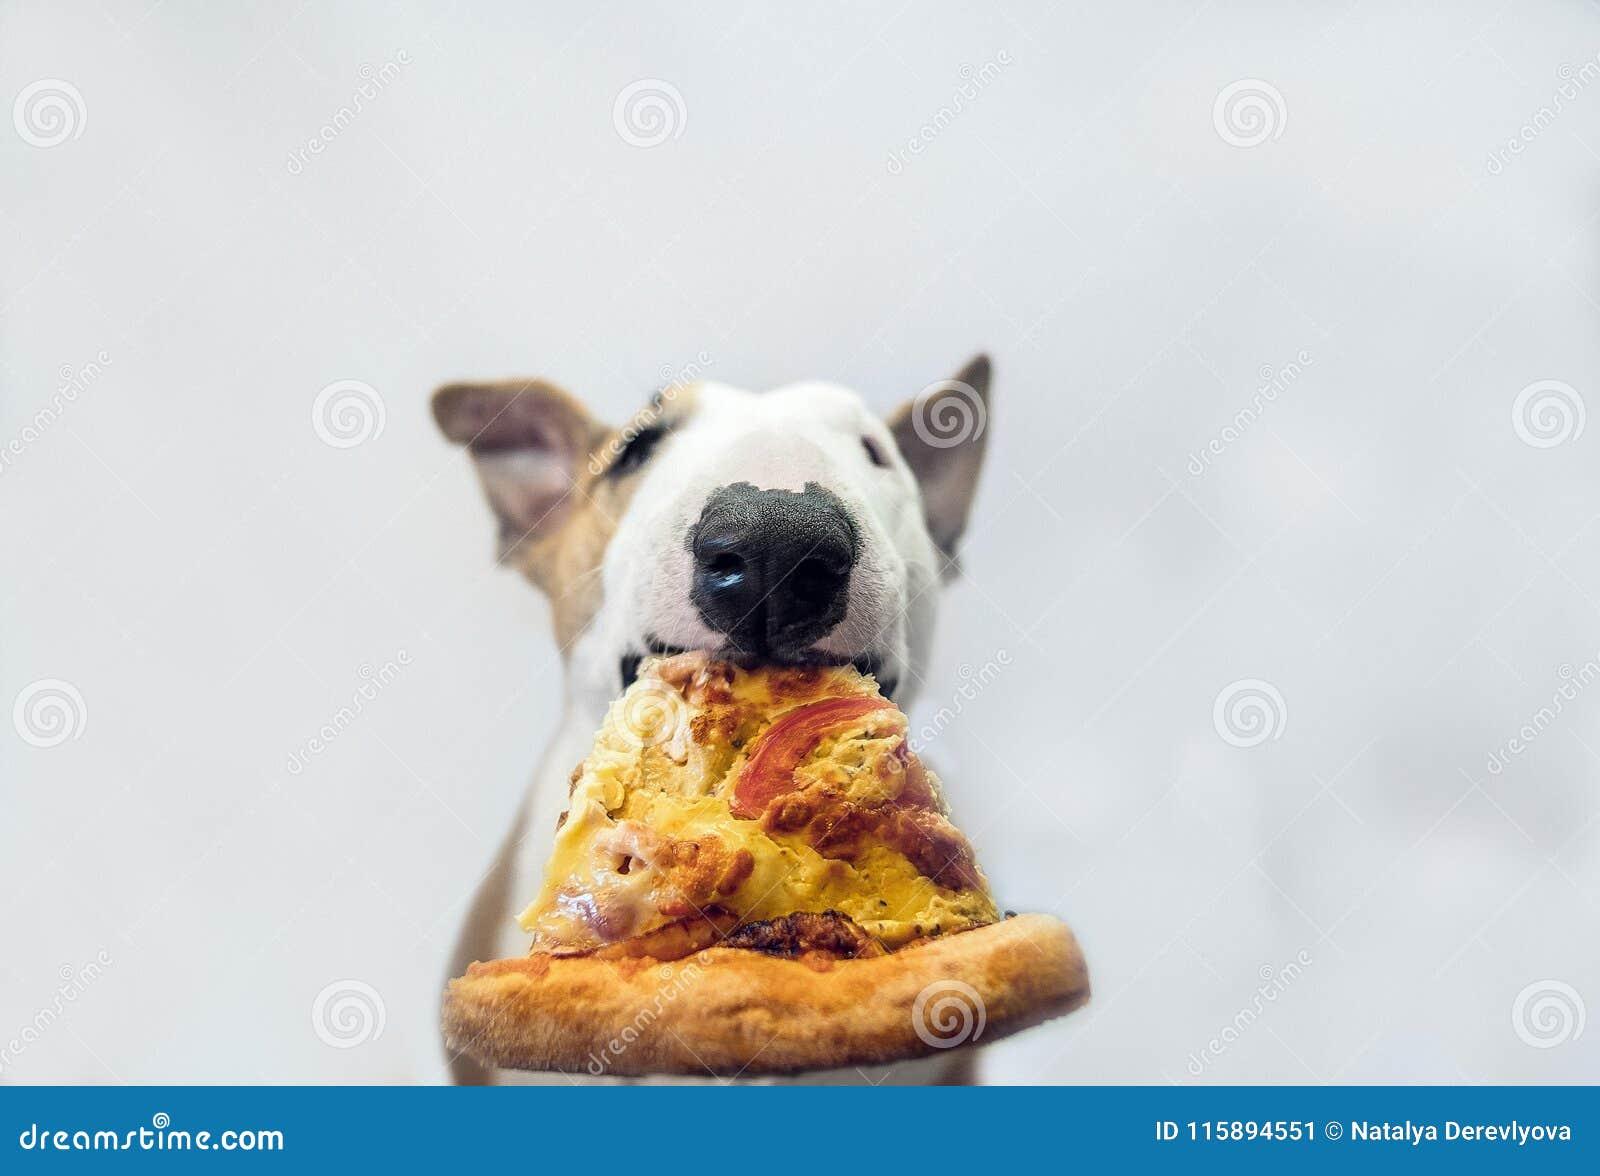 Il cane mangia una pizza succosa saporita ed aggrotta le sopracciglia abbastanza